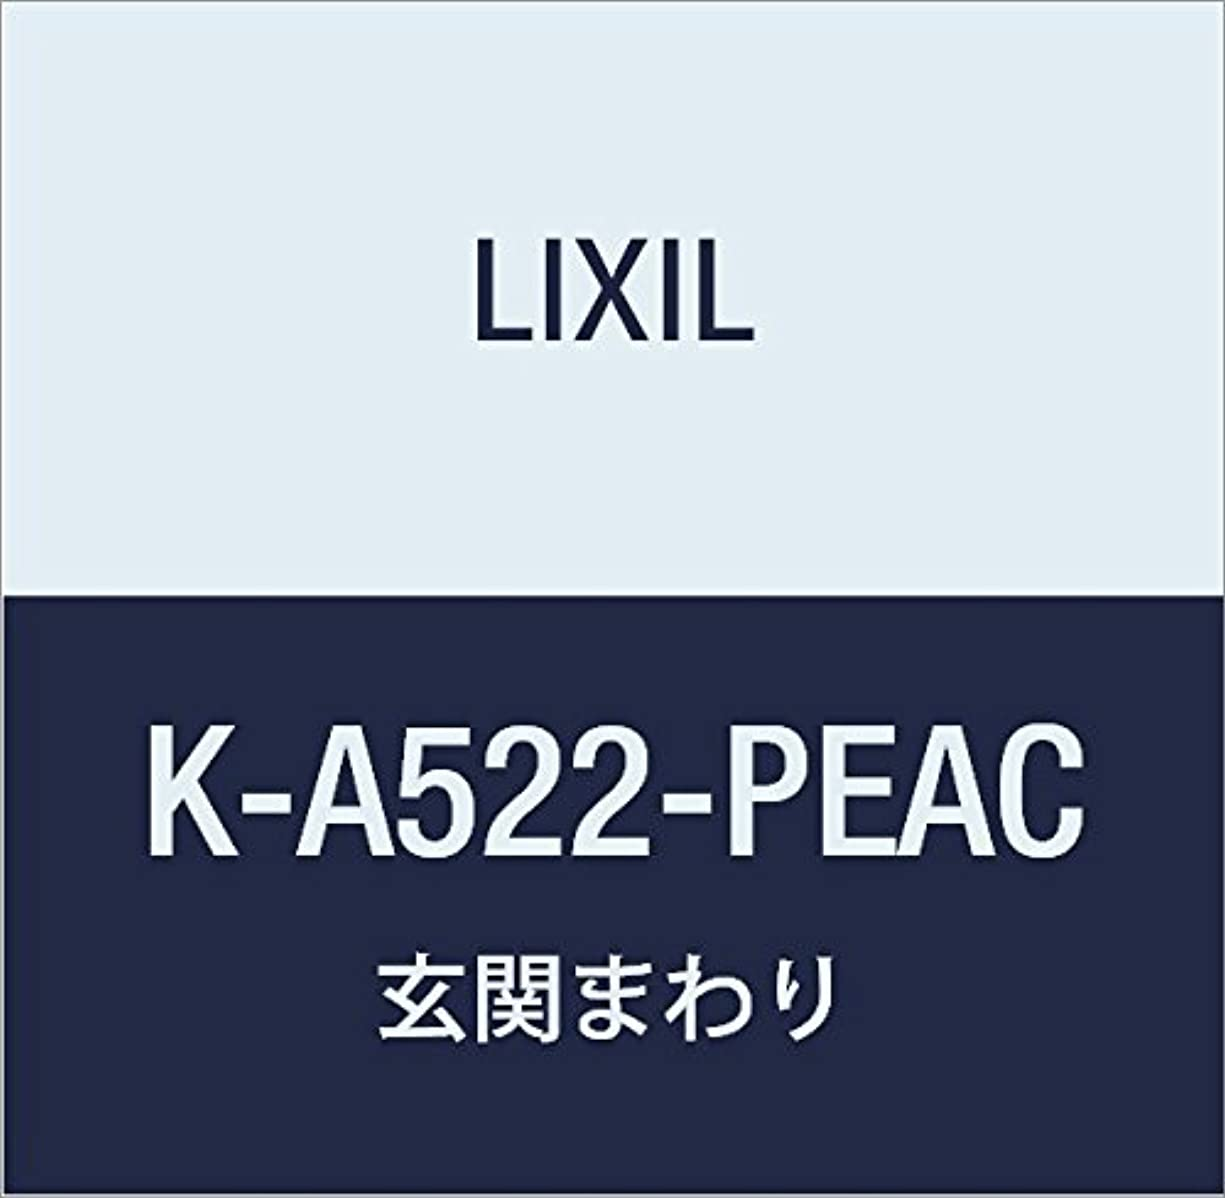 自動的に付ける試してみるLIXIL(リクシル) TOEX TGK引戸横材セット外網戸立上無W20 K-A522-PEAC